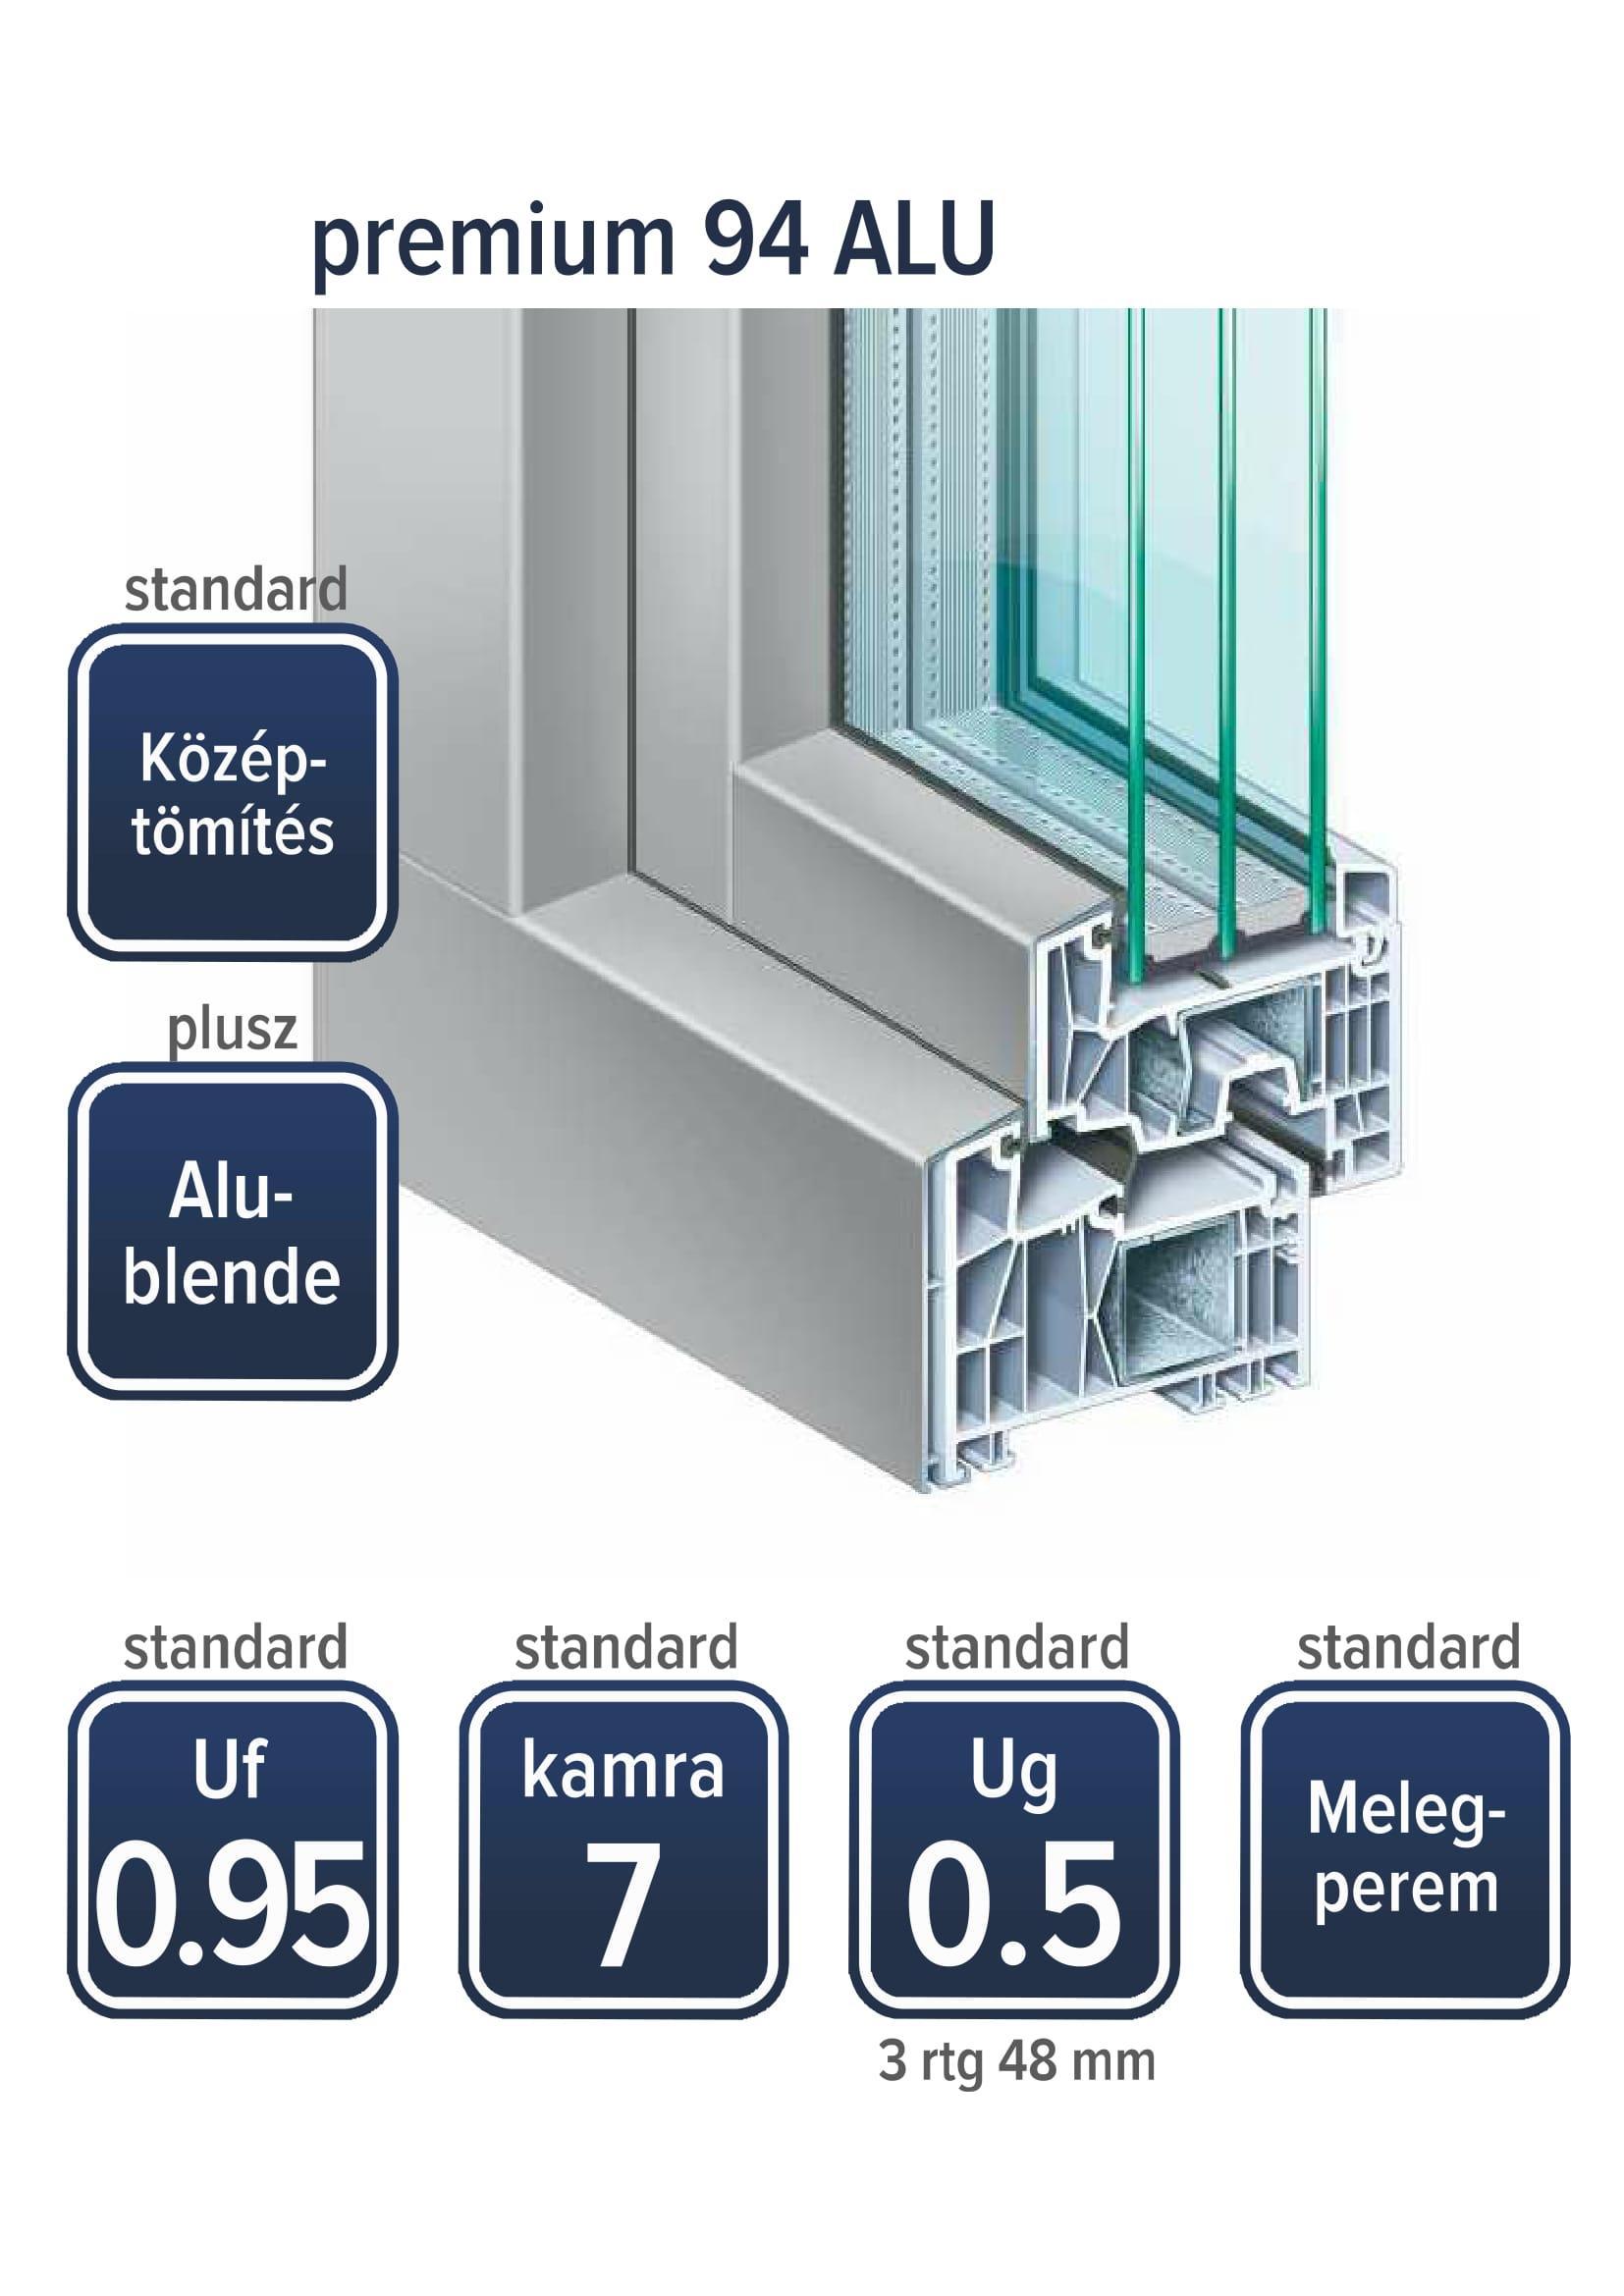 Kömmerling premium 94 ALU műnyag ablak